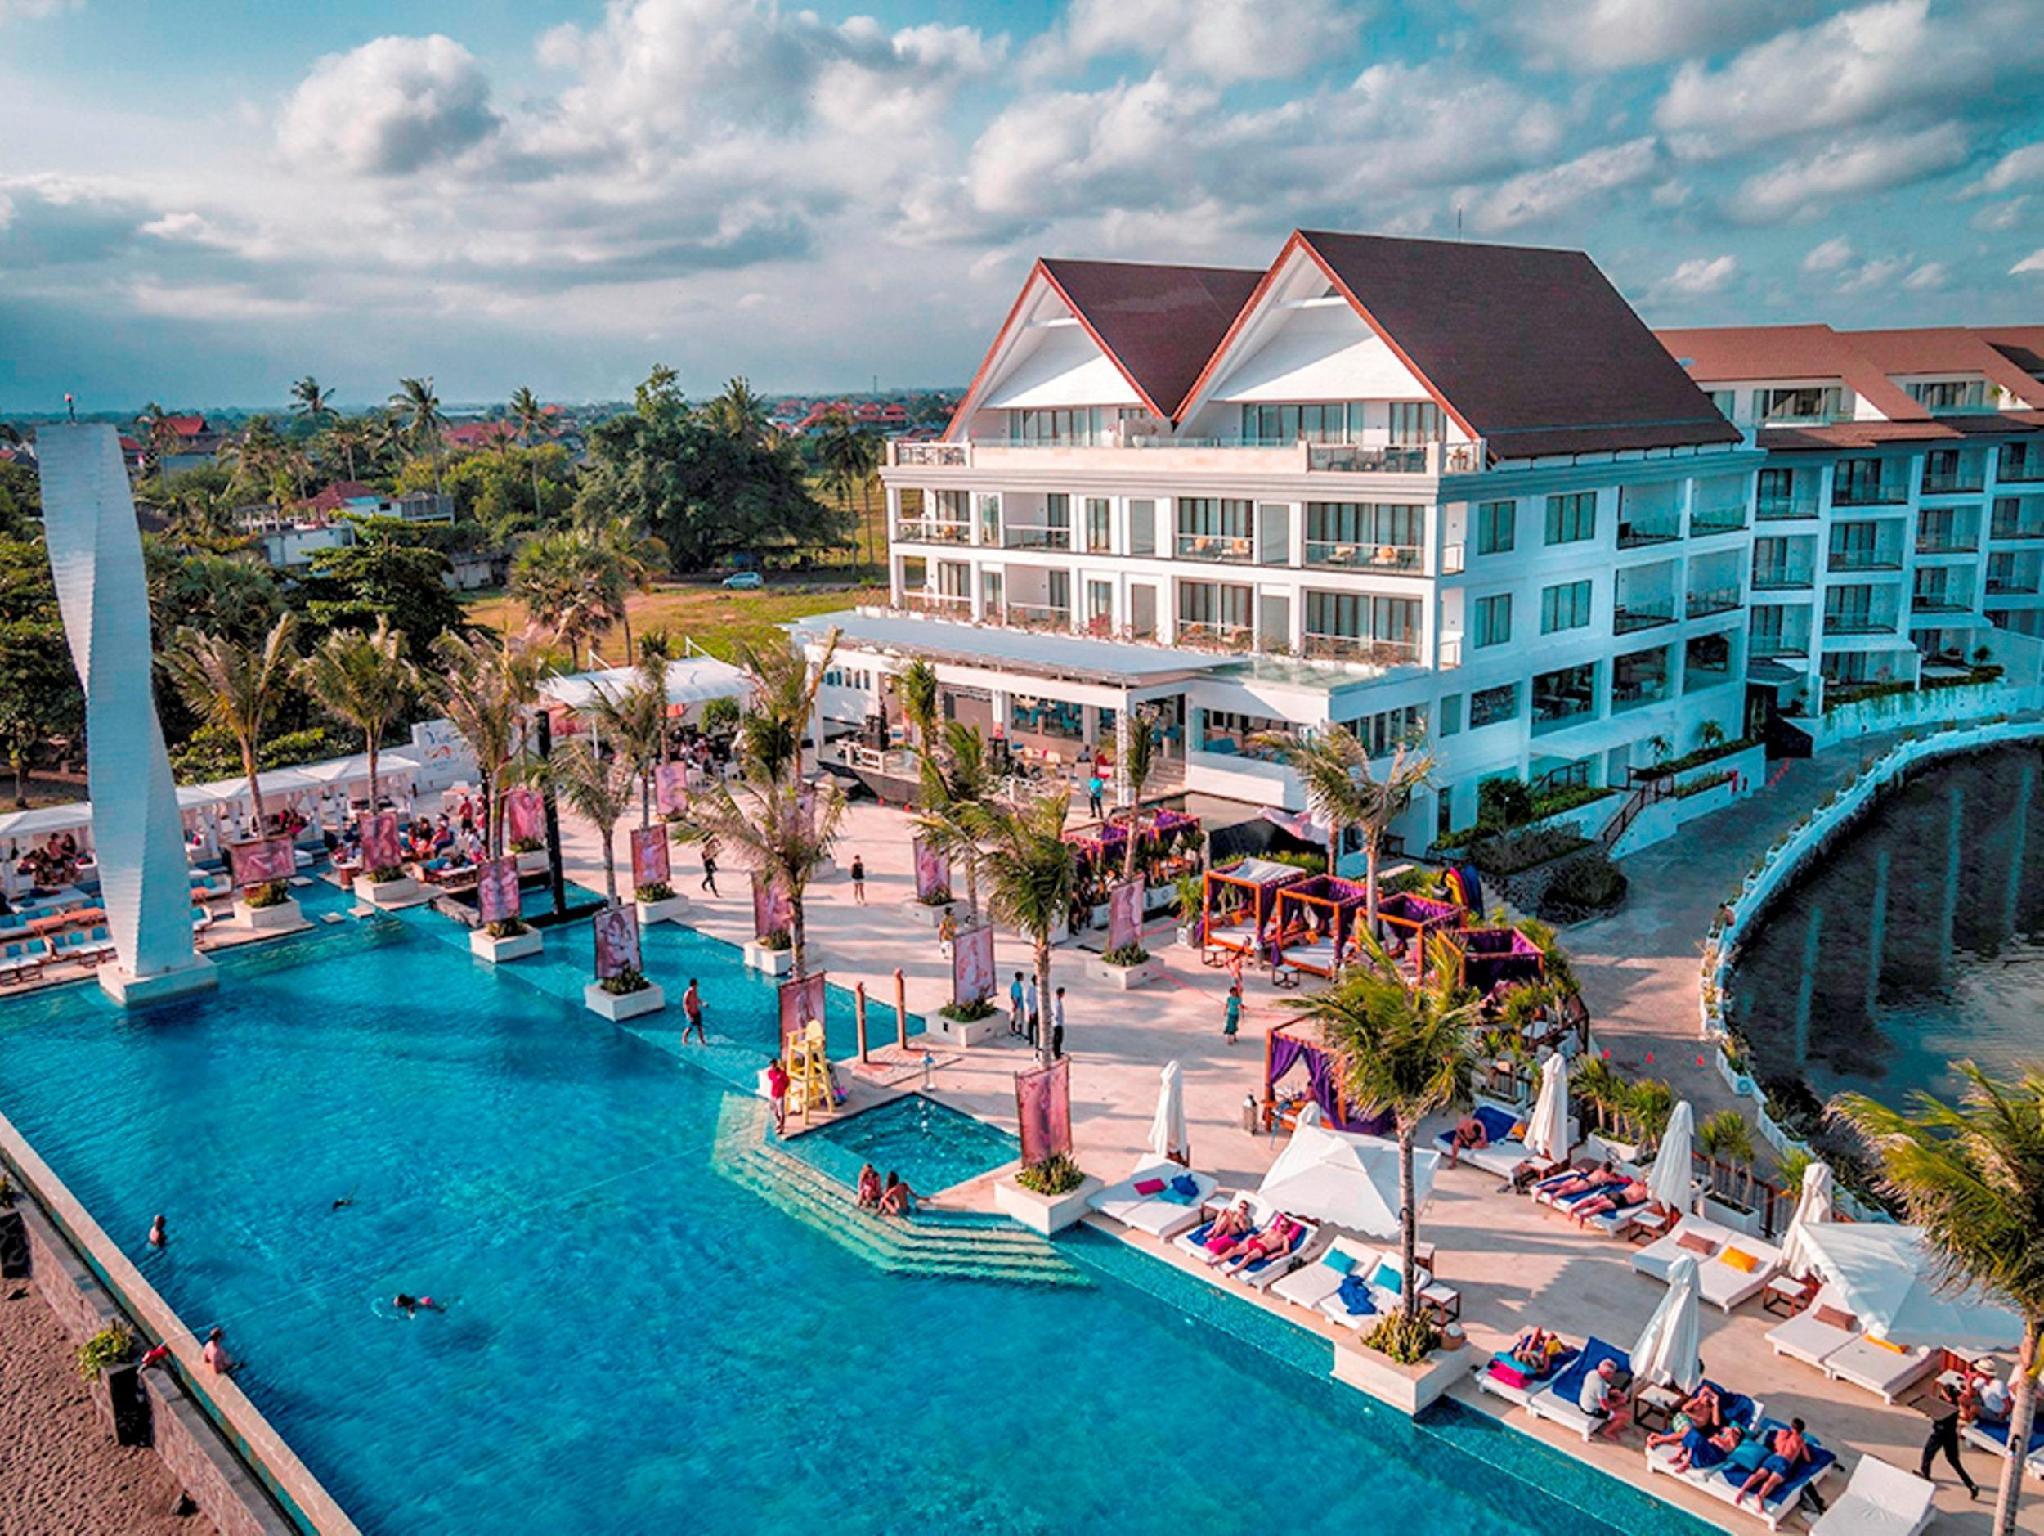 巴厘岛lv8度假酒店 (lv8 resort hotel) - agoda 网上